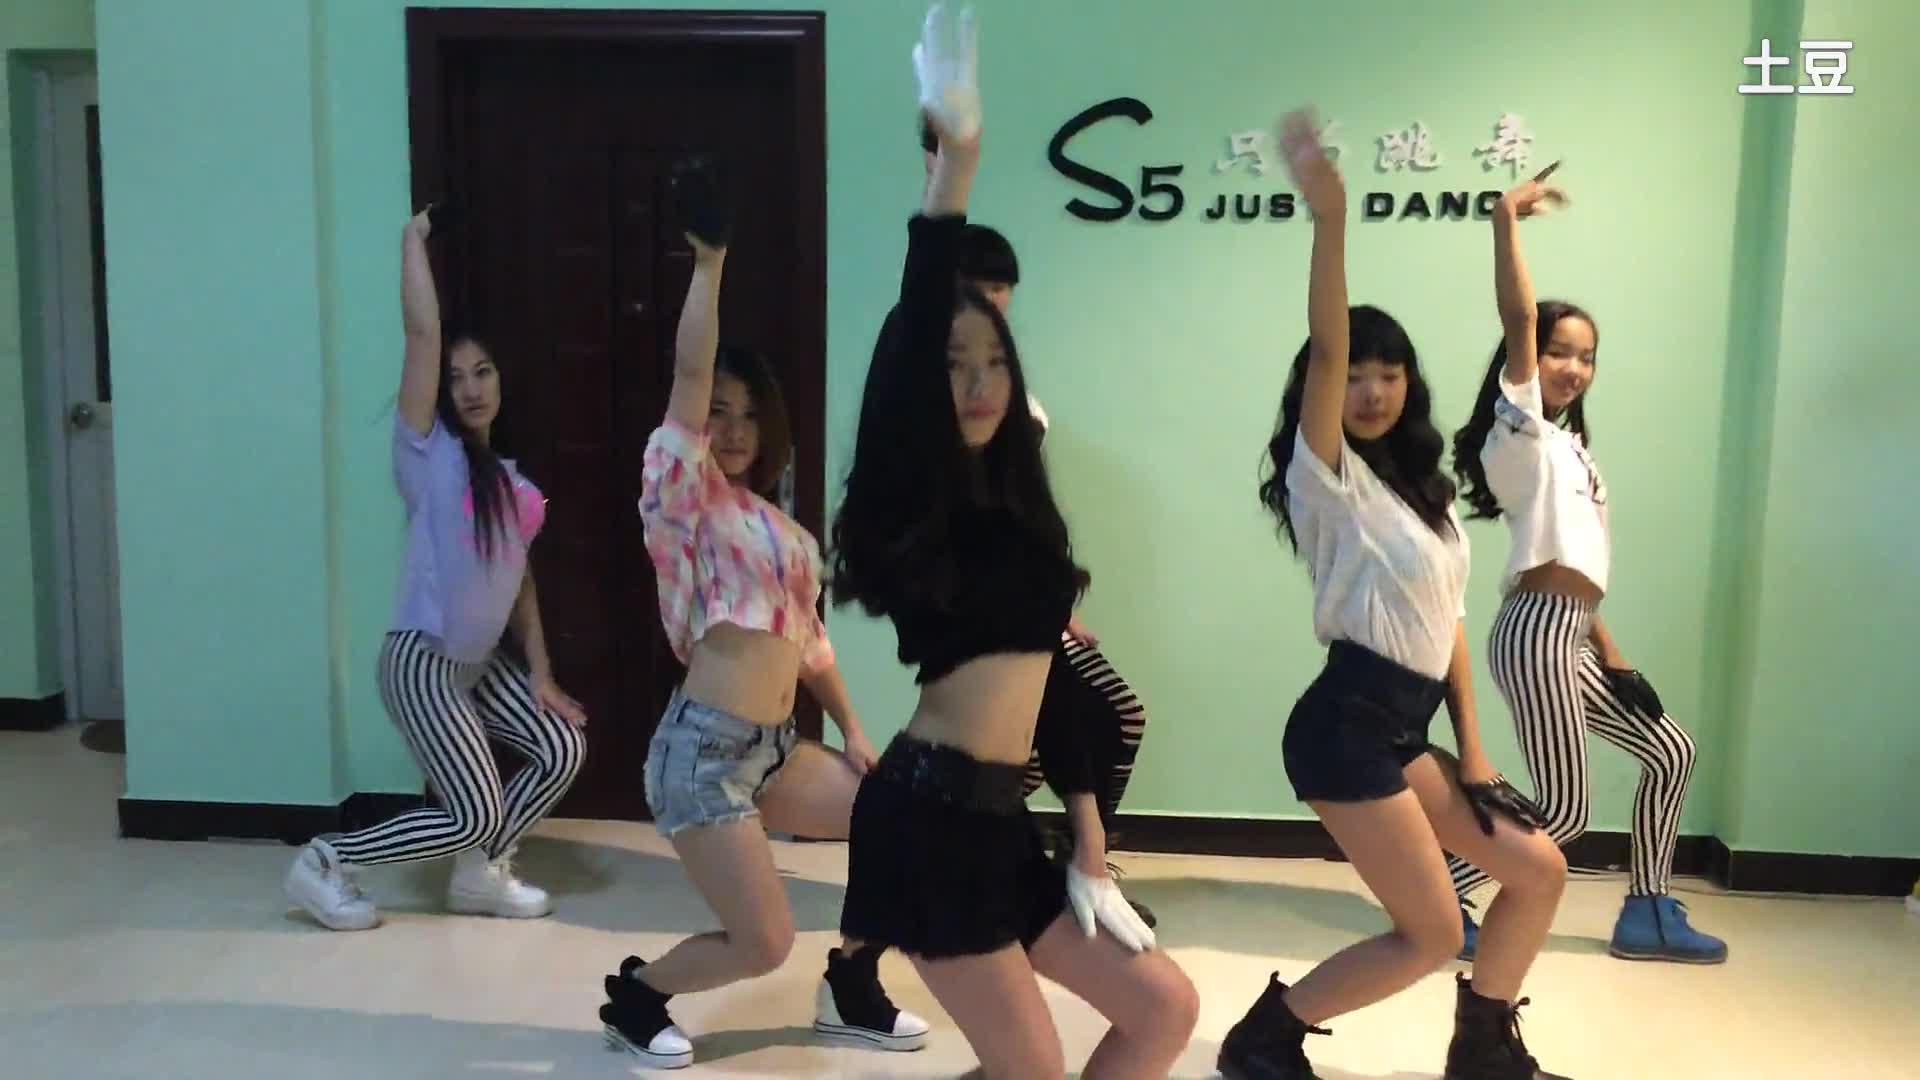 超简单易学爵士舞蹈的教学视频